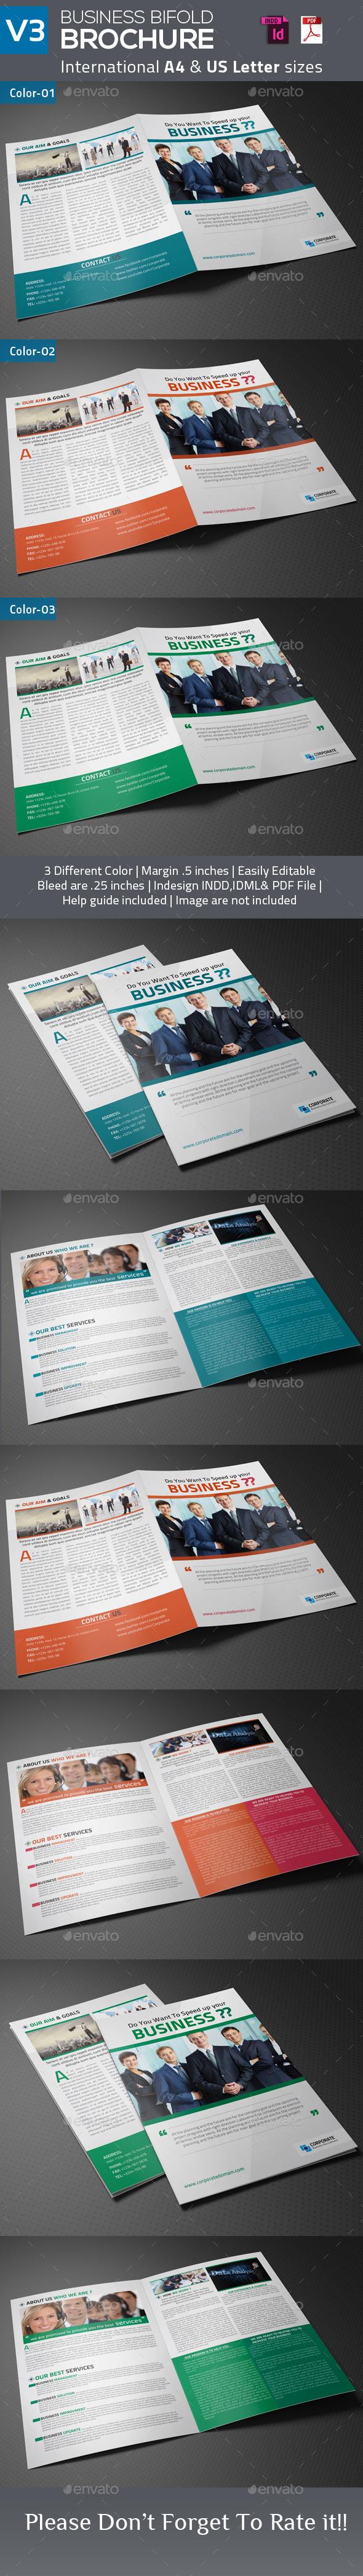 Business Bifold Brochure V3